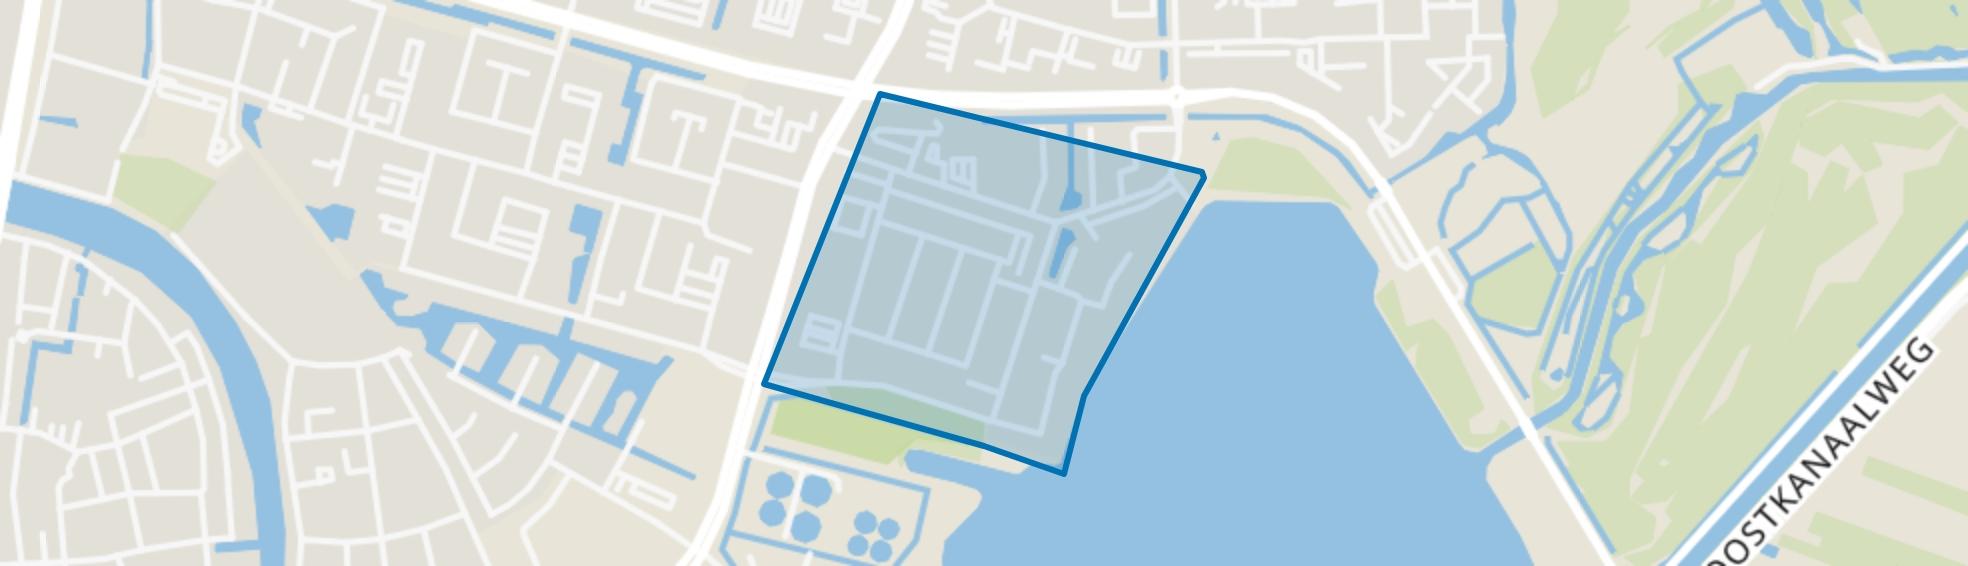 Edelstenenbuurt, Alphen aan den Rijn map